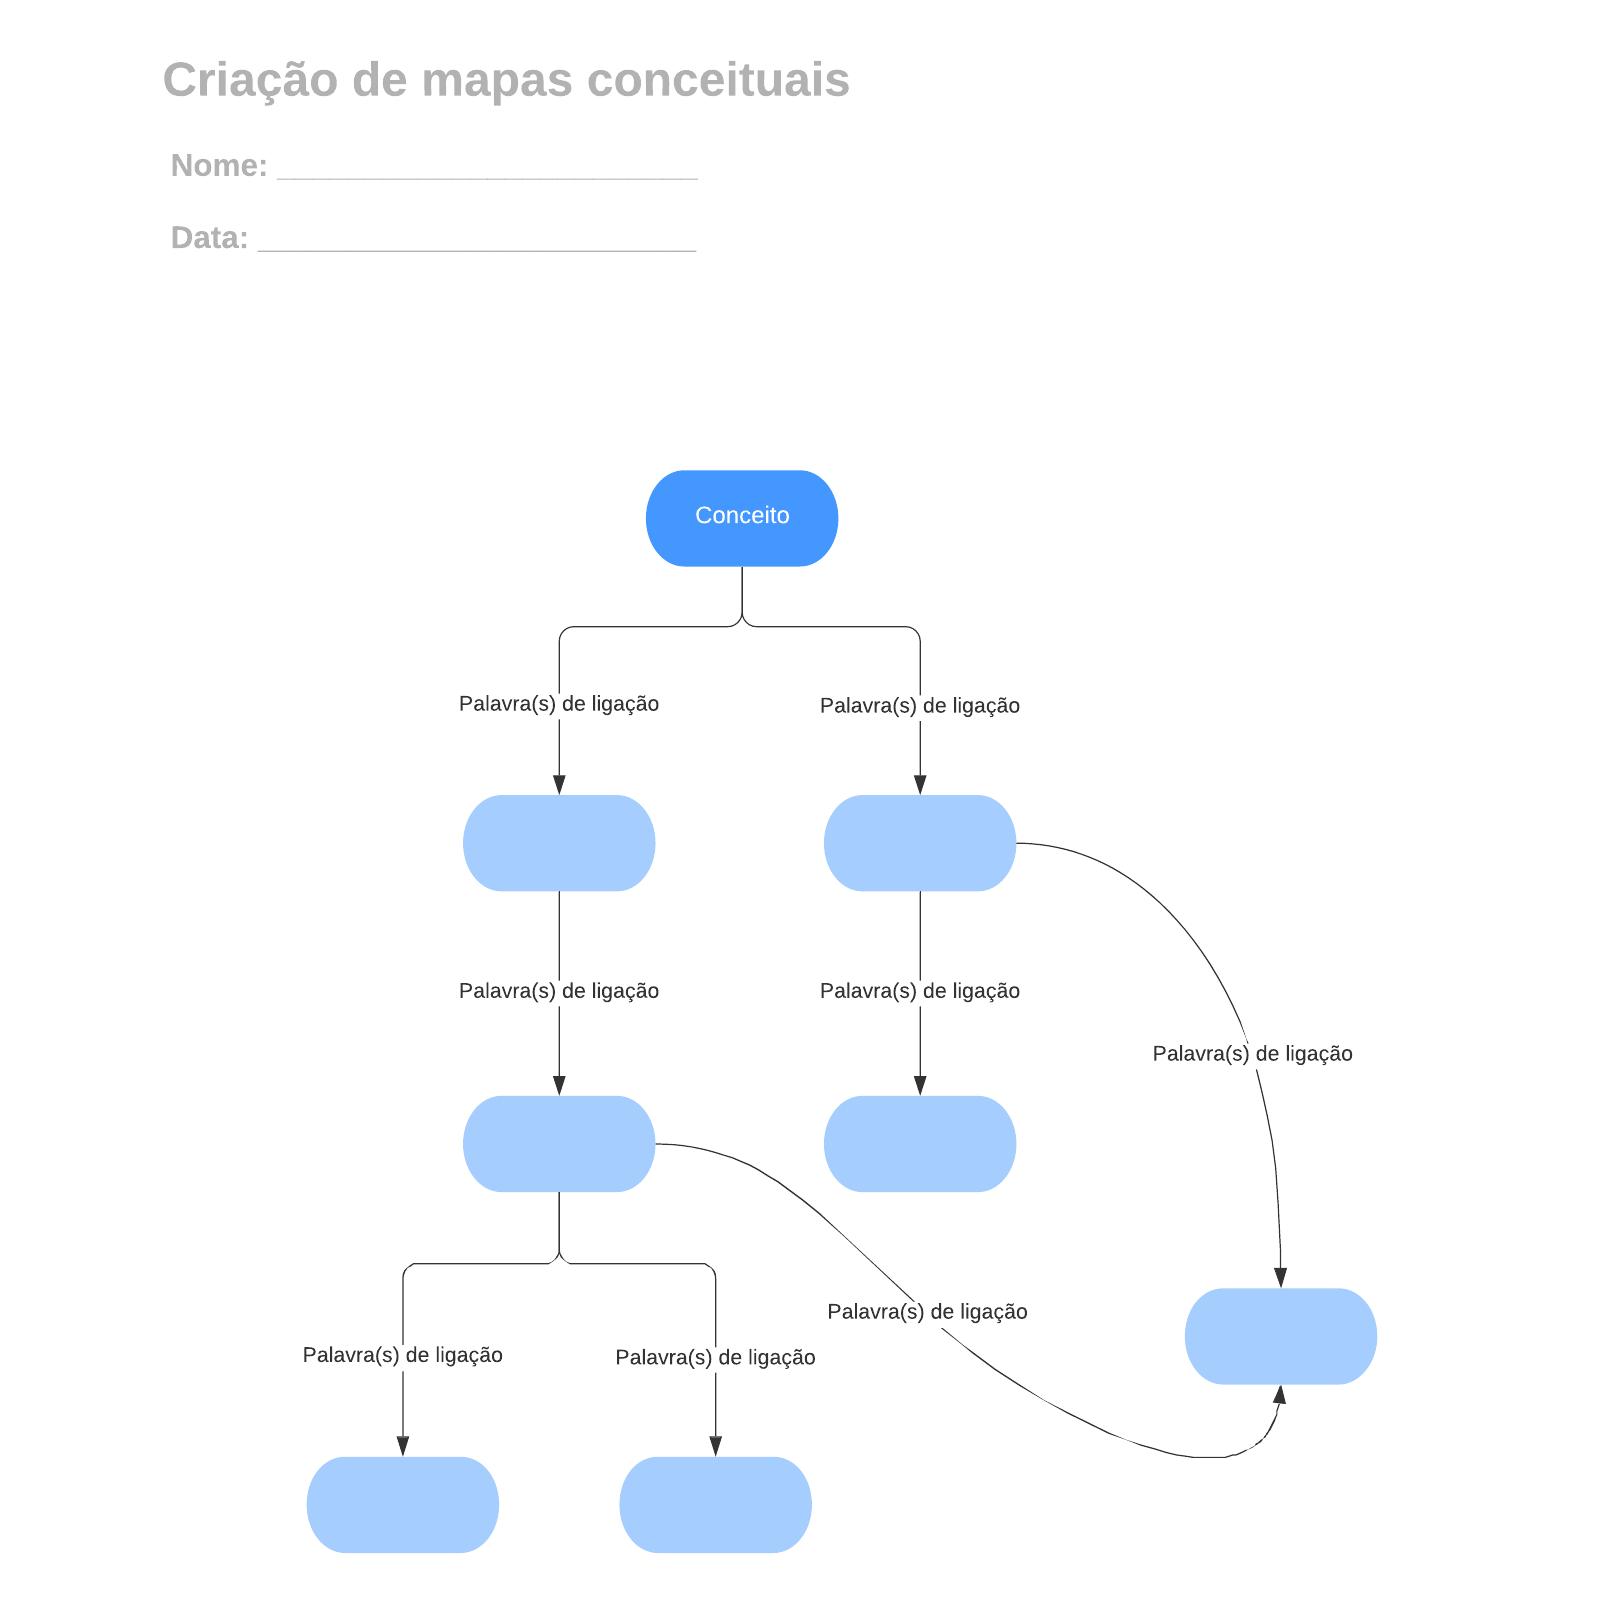 Criação de mapas conceituais